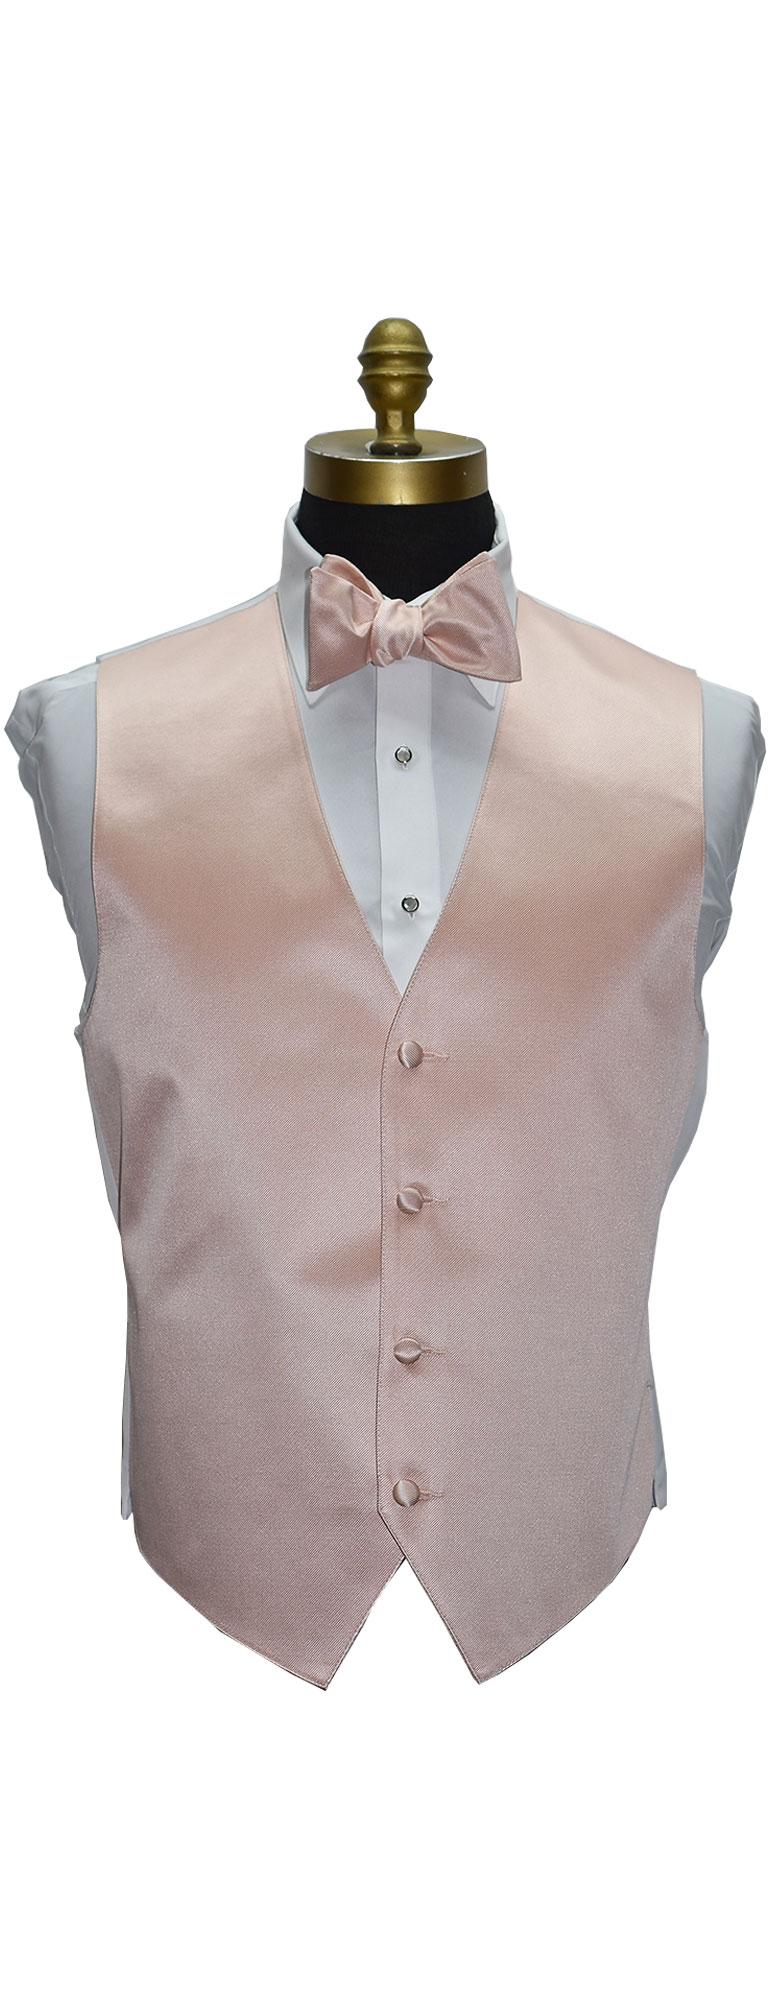 Blush Tuxedo Vest